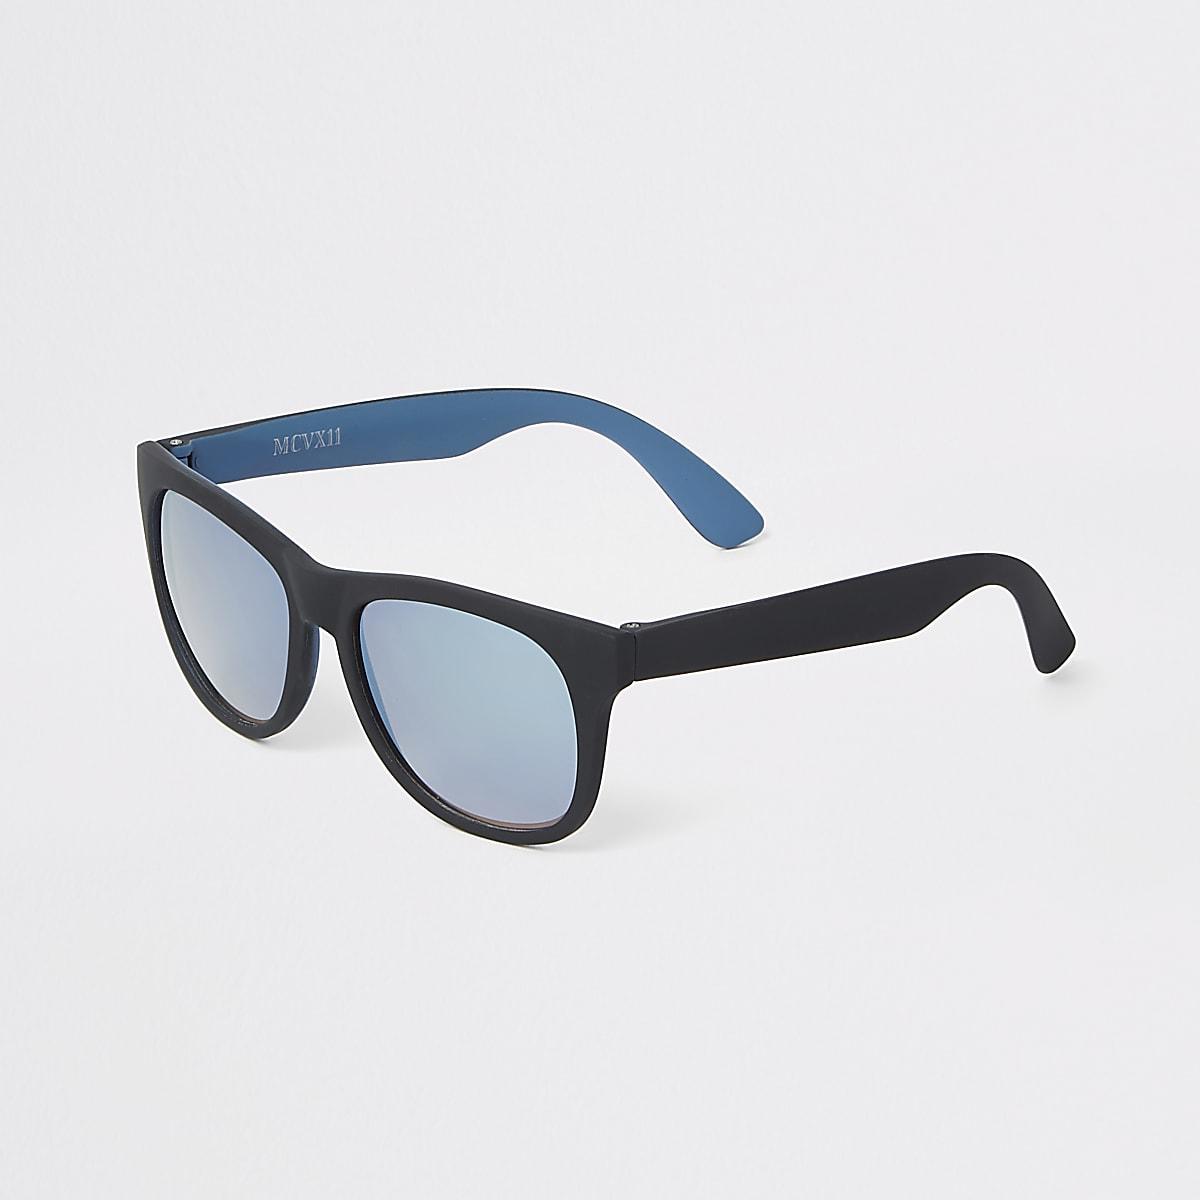 3c6d9a2f7a41a4 Zwarte retro zonnebril met blauwe glazen voor jongens - Zonnebrillen ...